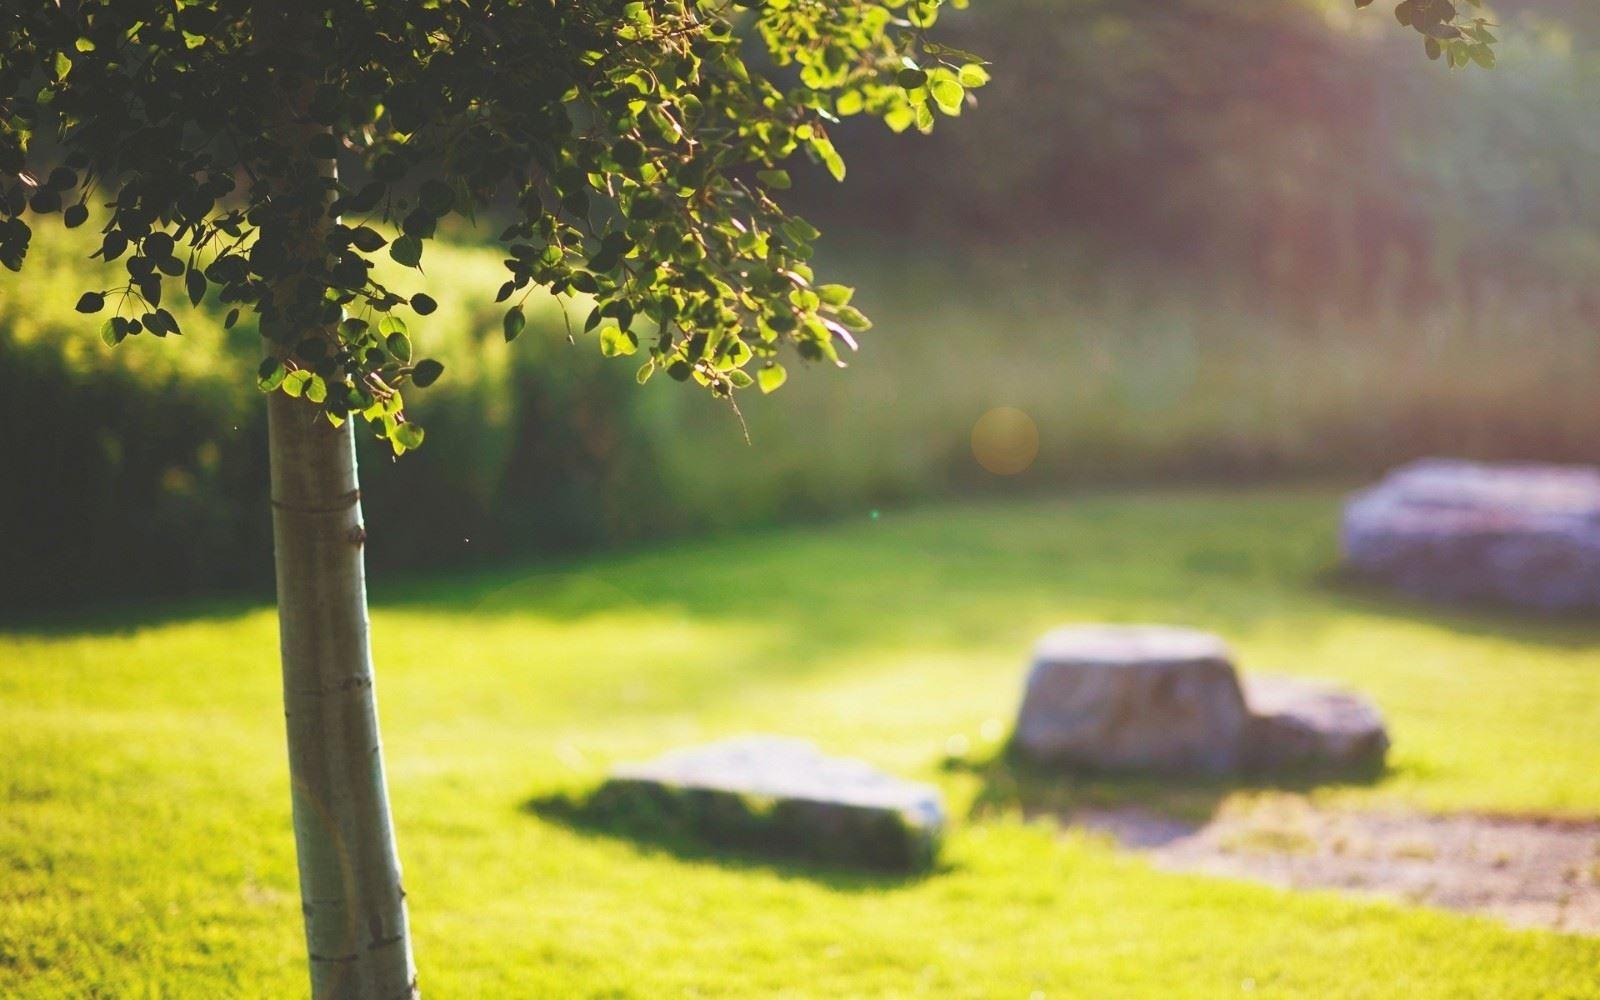 清澈的阳光草上温暖人心